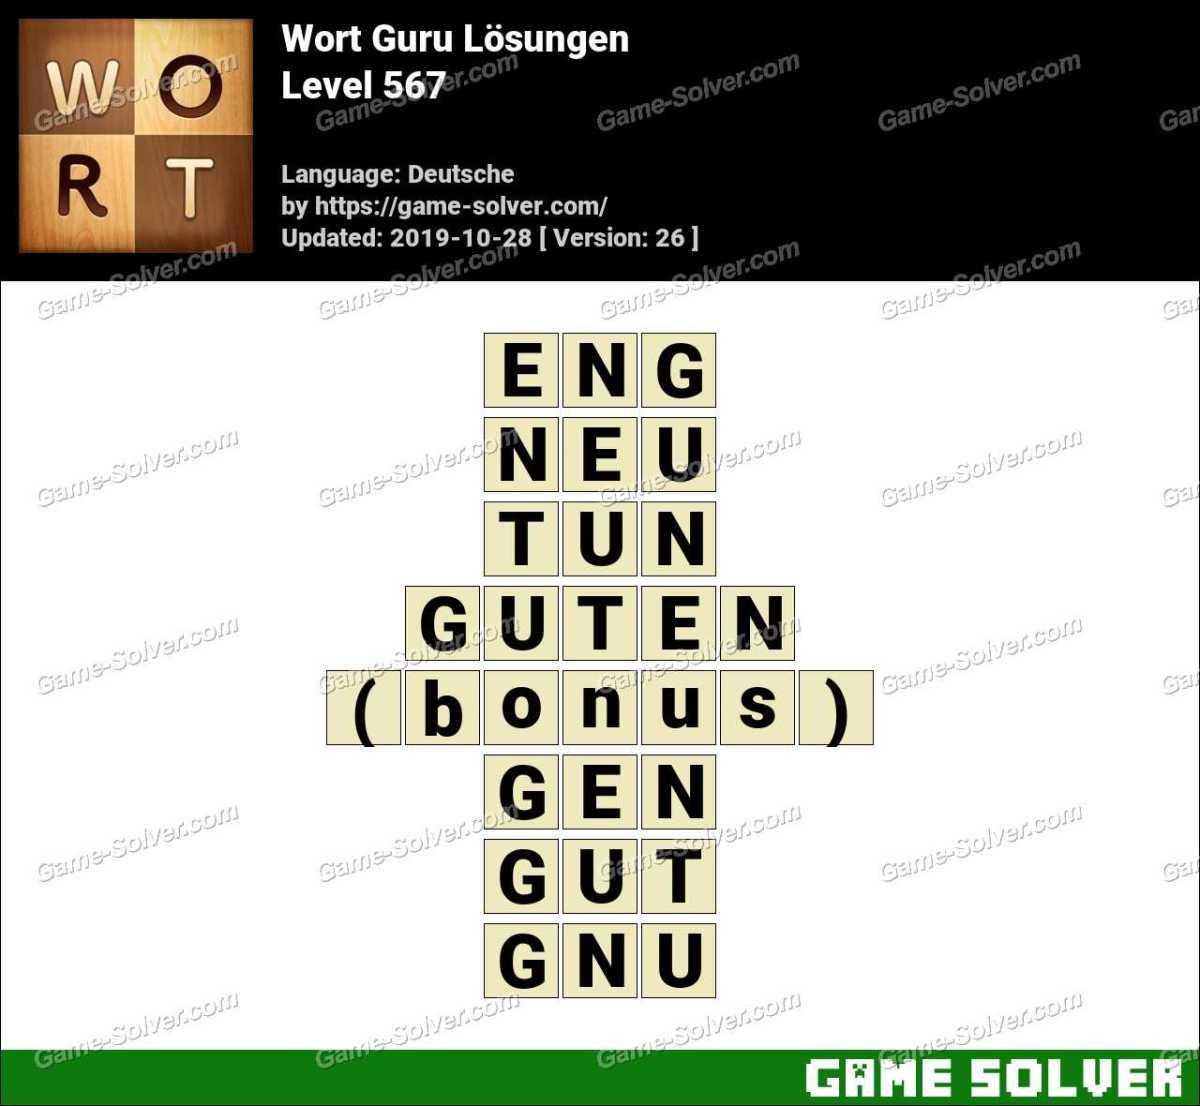 Wort Guru Level 567 Lösungen